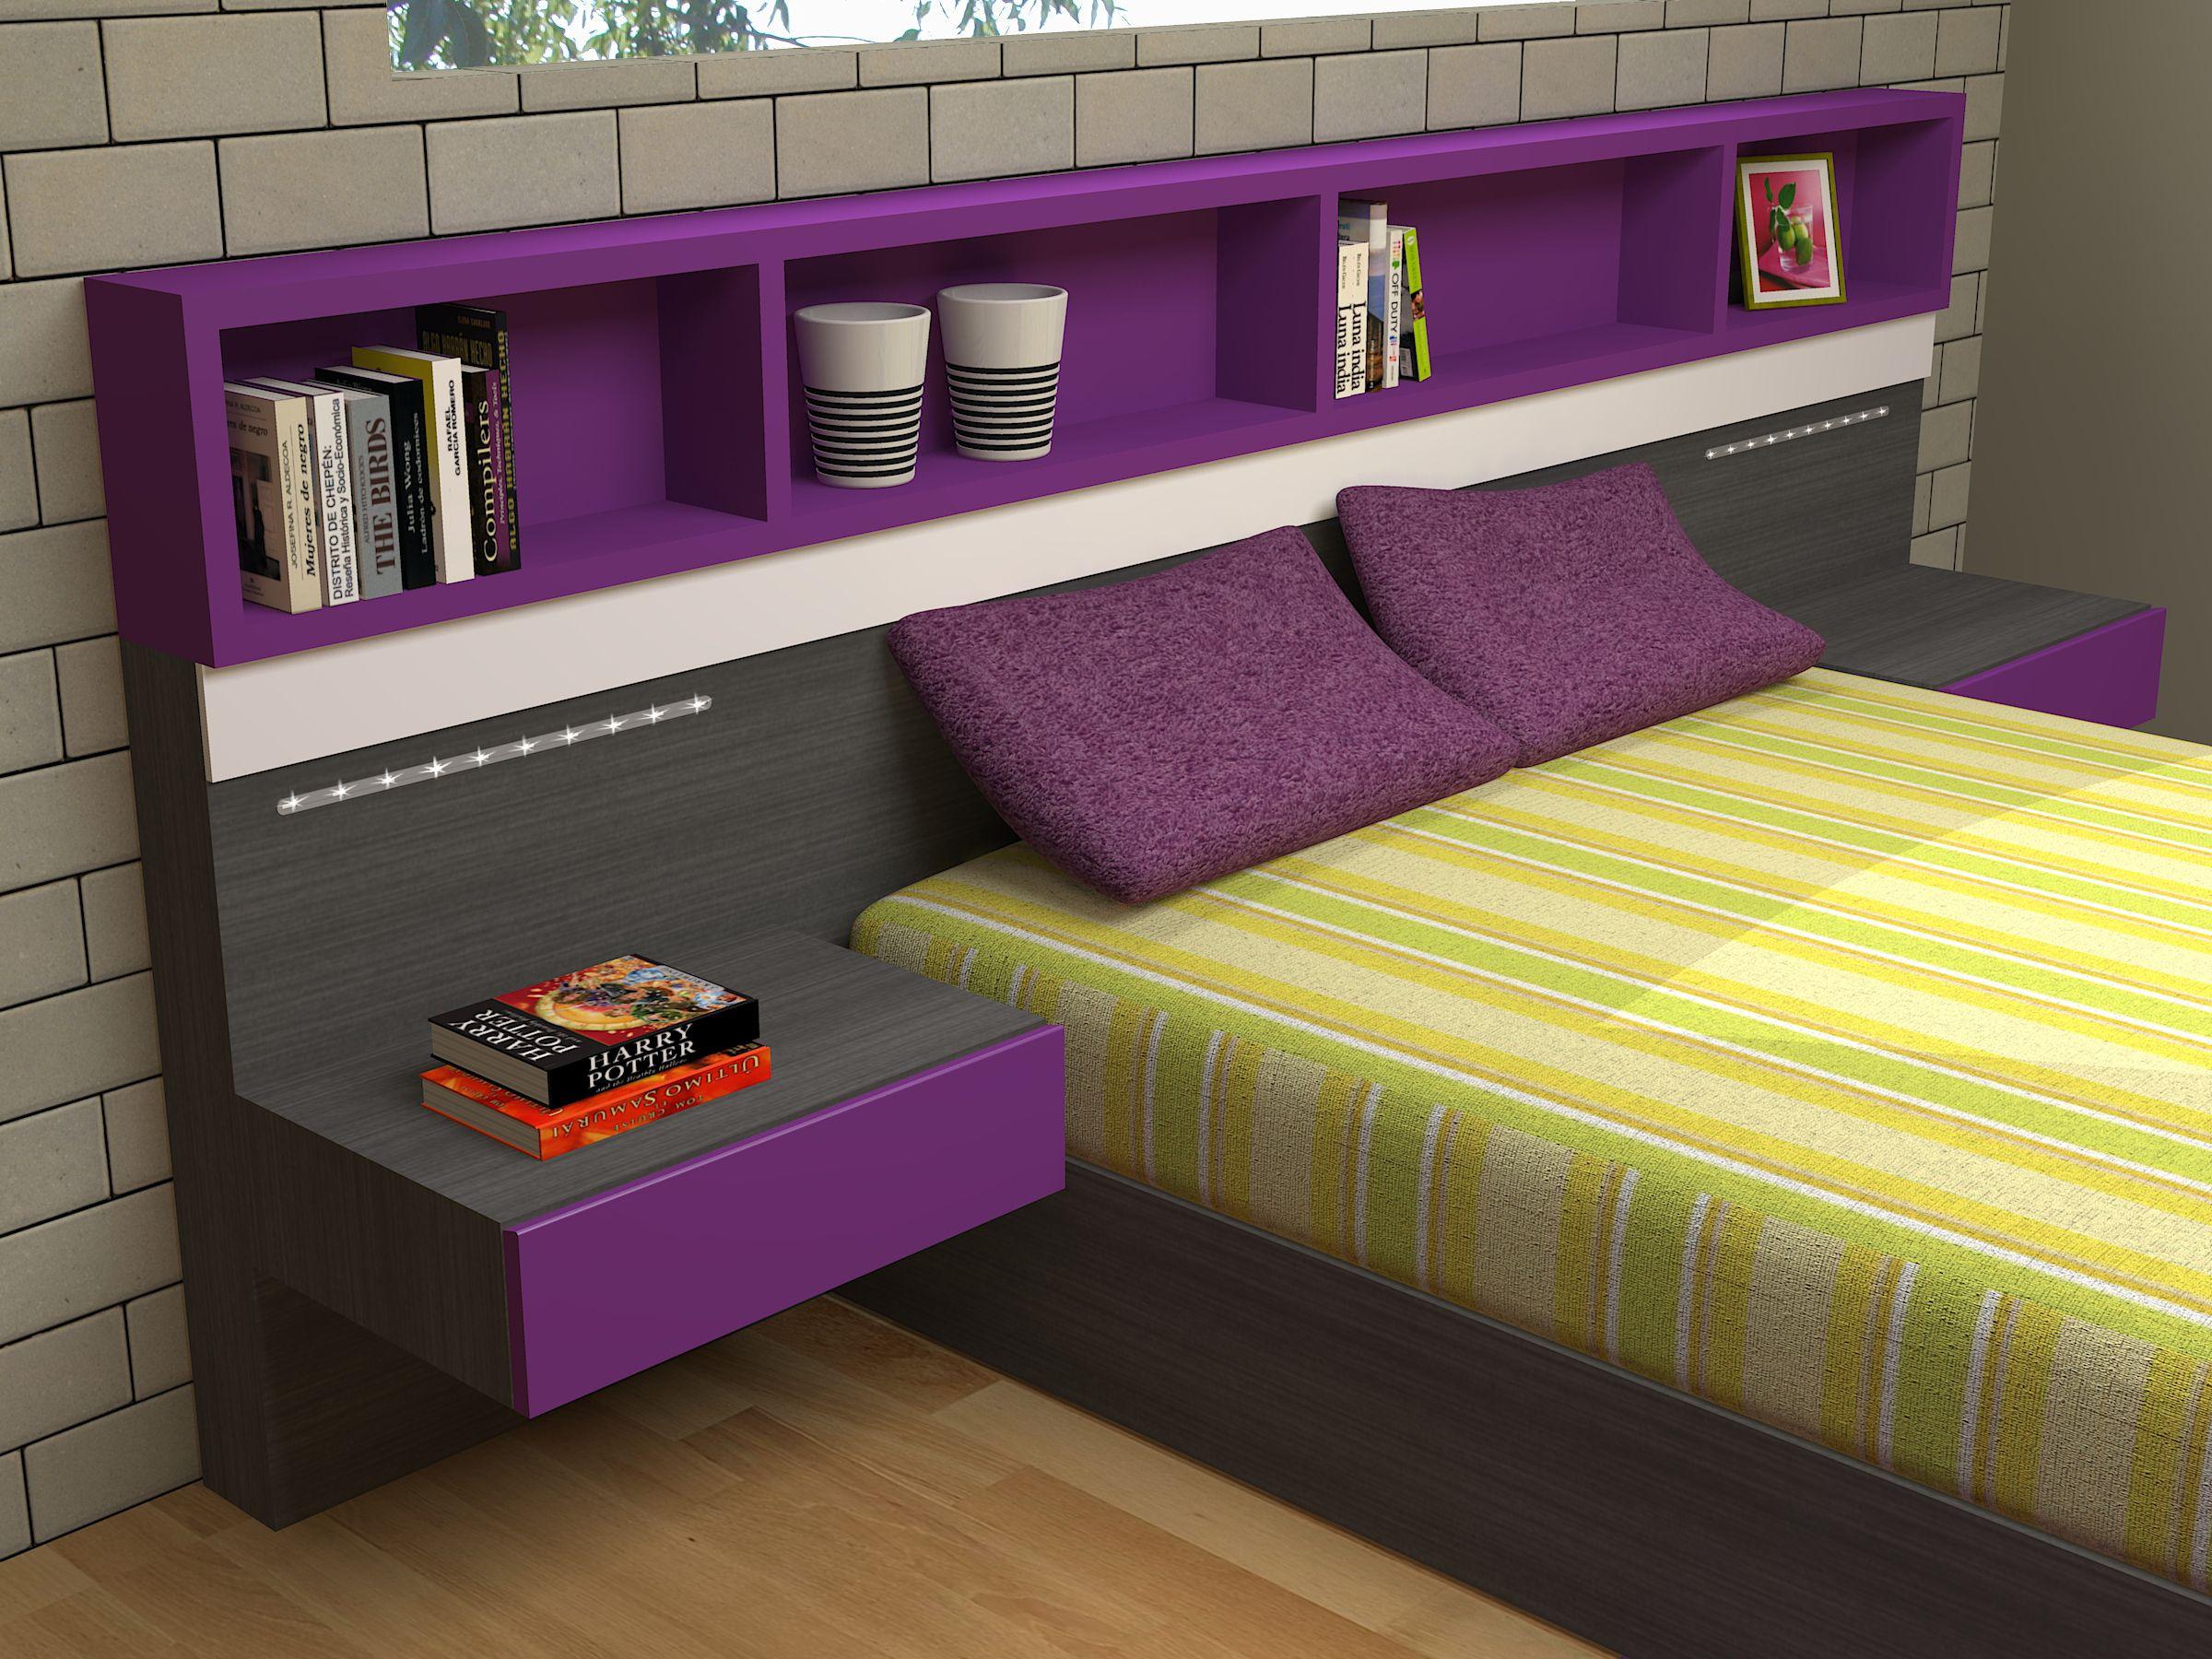 diseño dormitorio matrimonio a medida en onlinemuebles